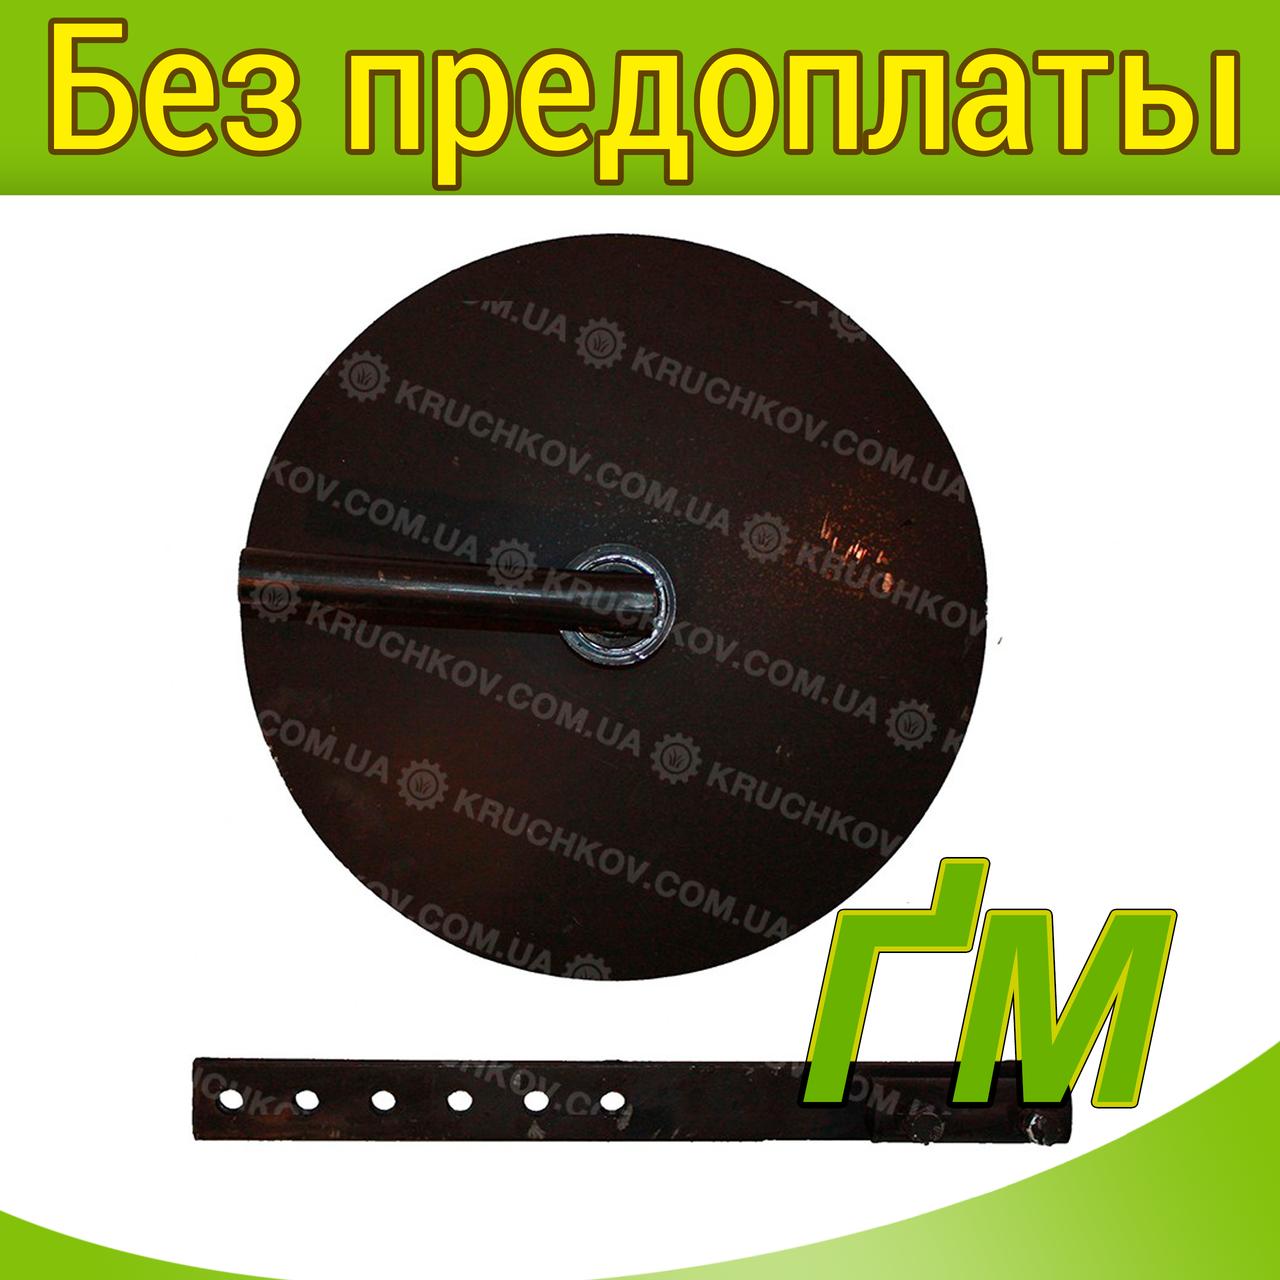 Окучник дисковый D=390 мм для мотоблока (комплект из двух дисков) (ПД7)